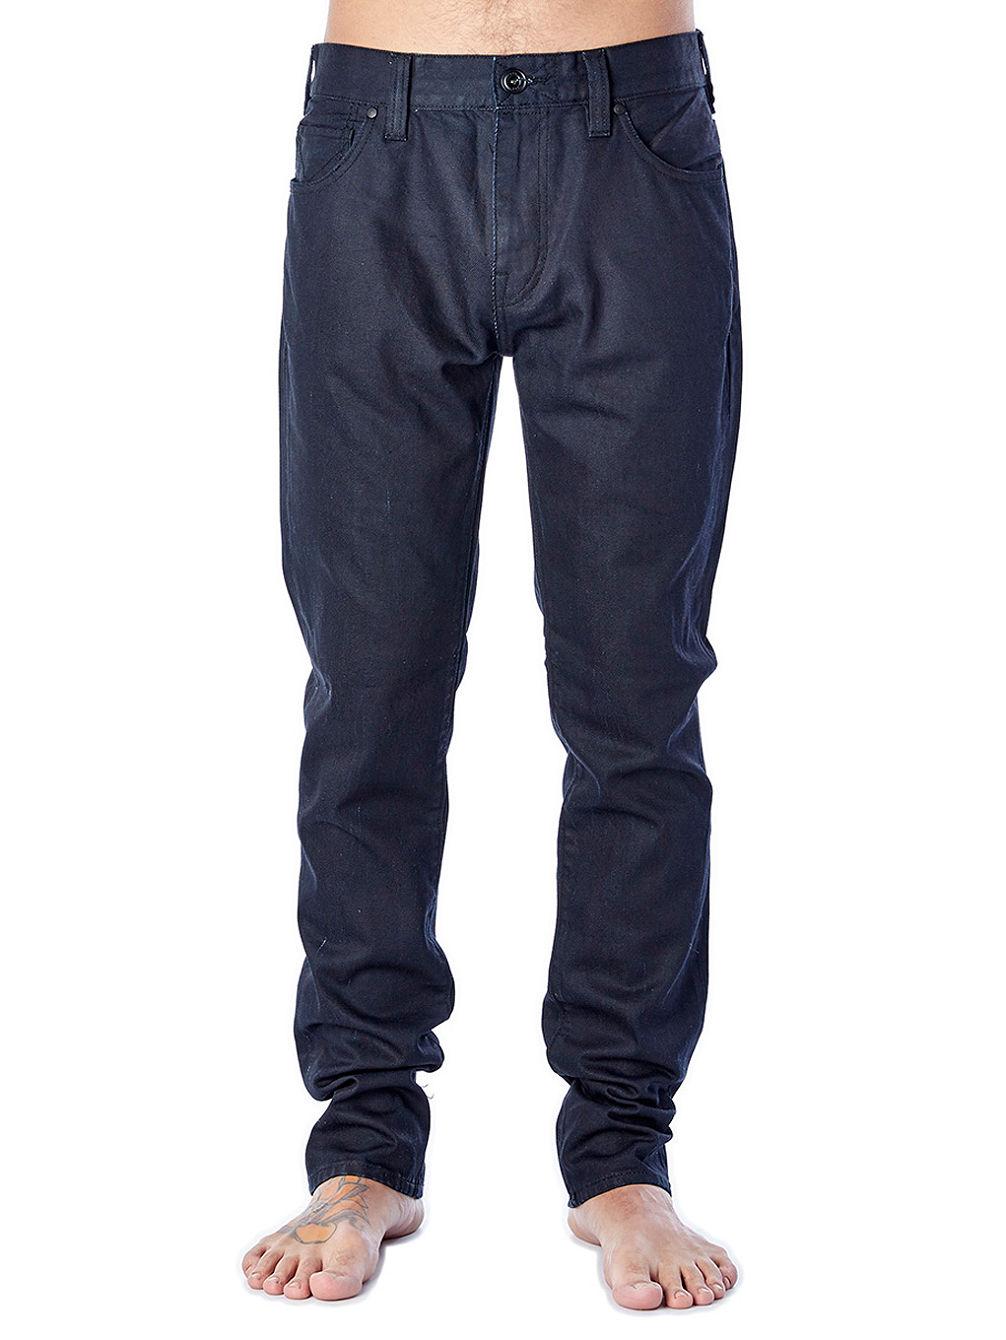 hurley 84 slim jeans online kaufen bei blue. Black Bedroom Furniture Sets. Home Design Ideas